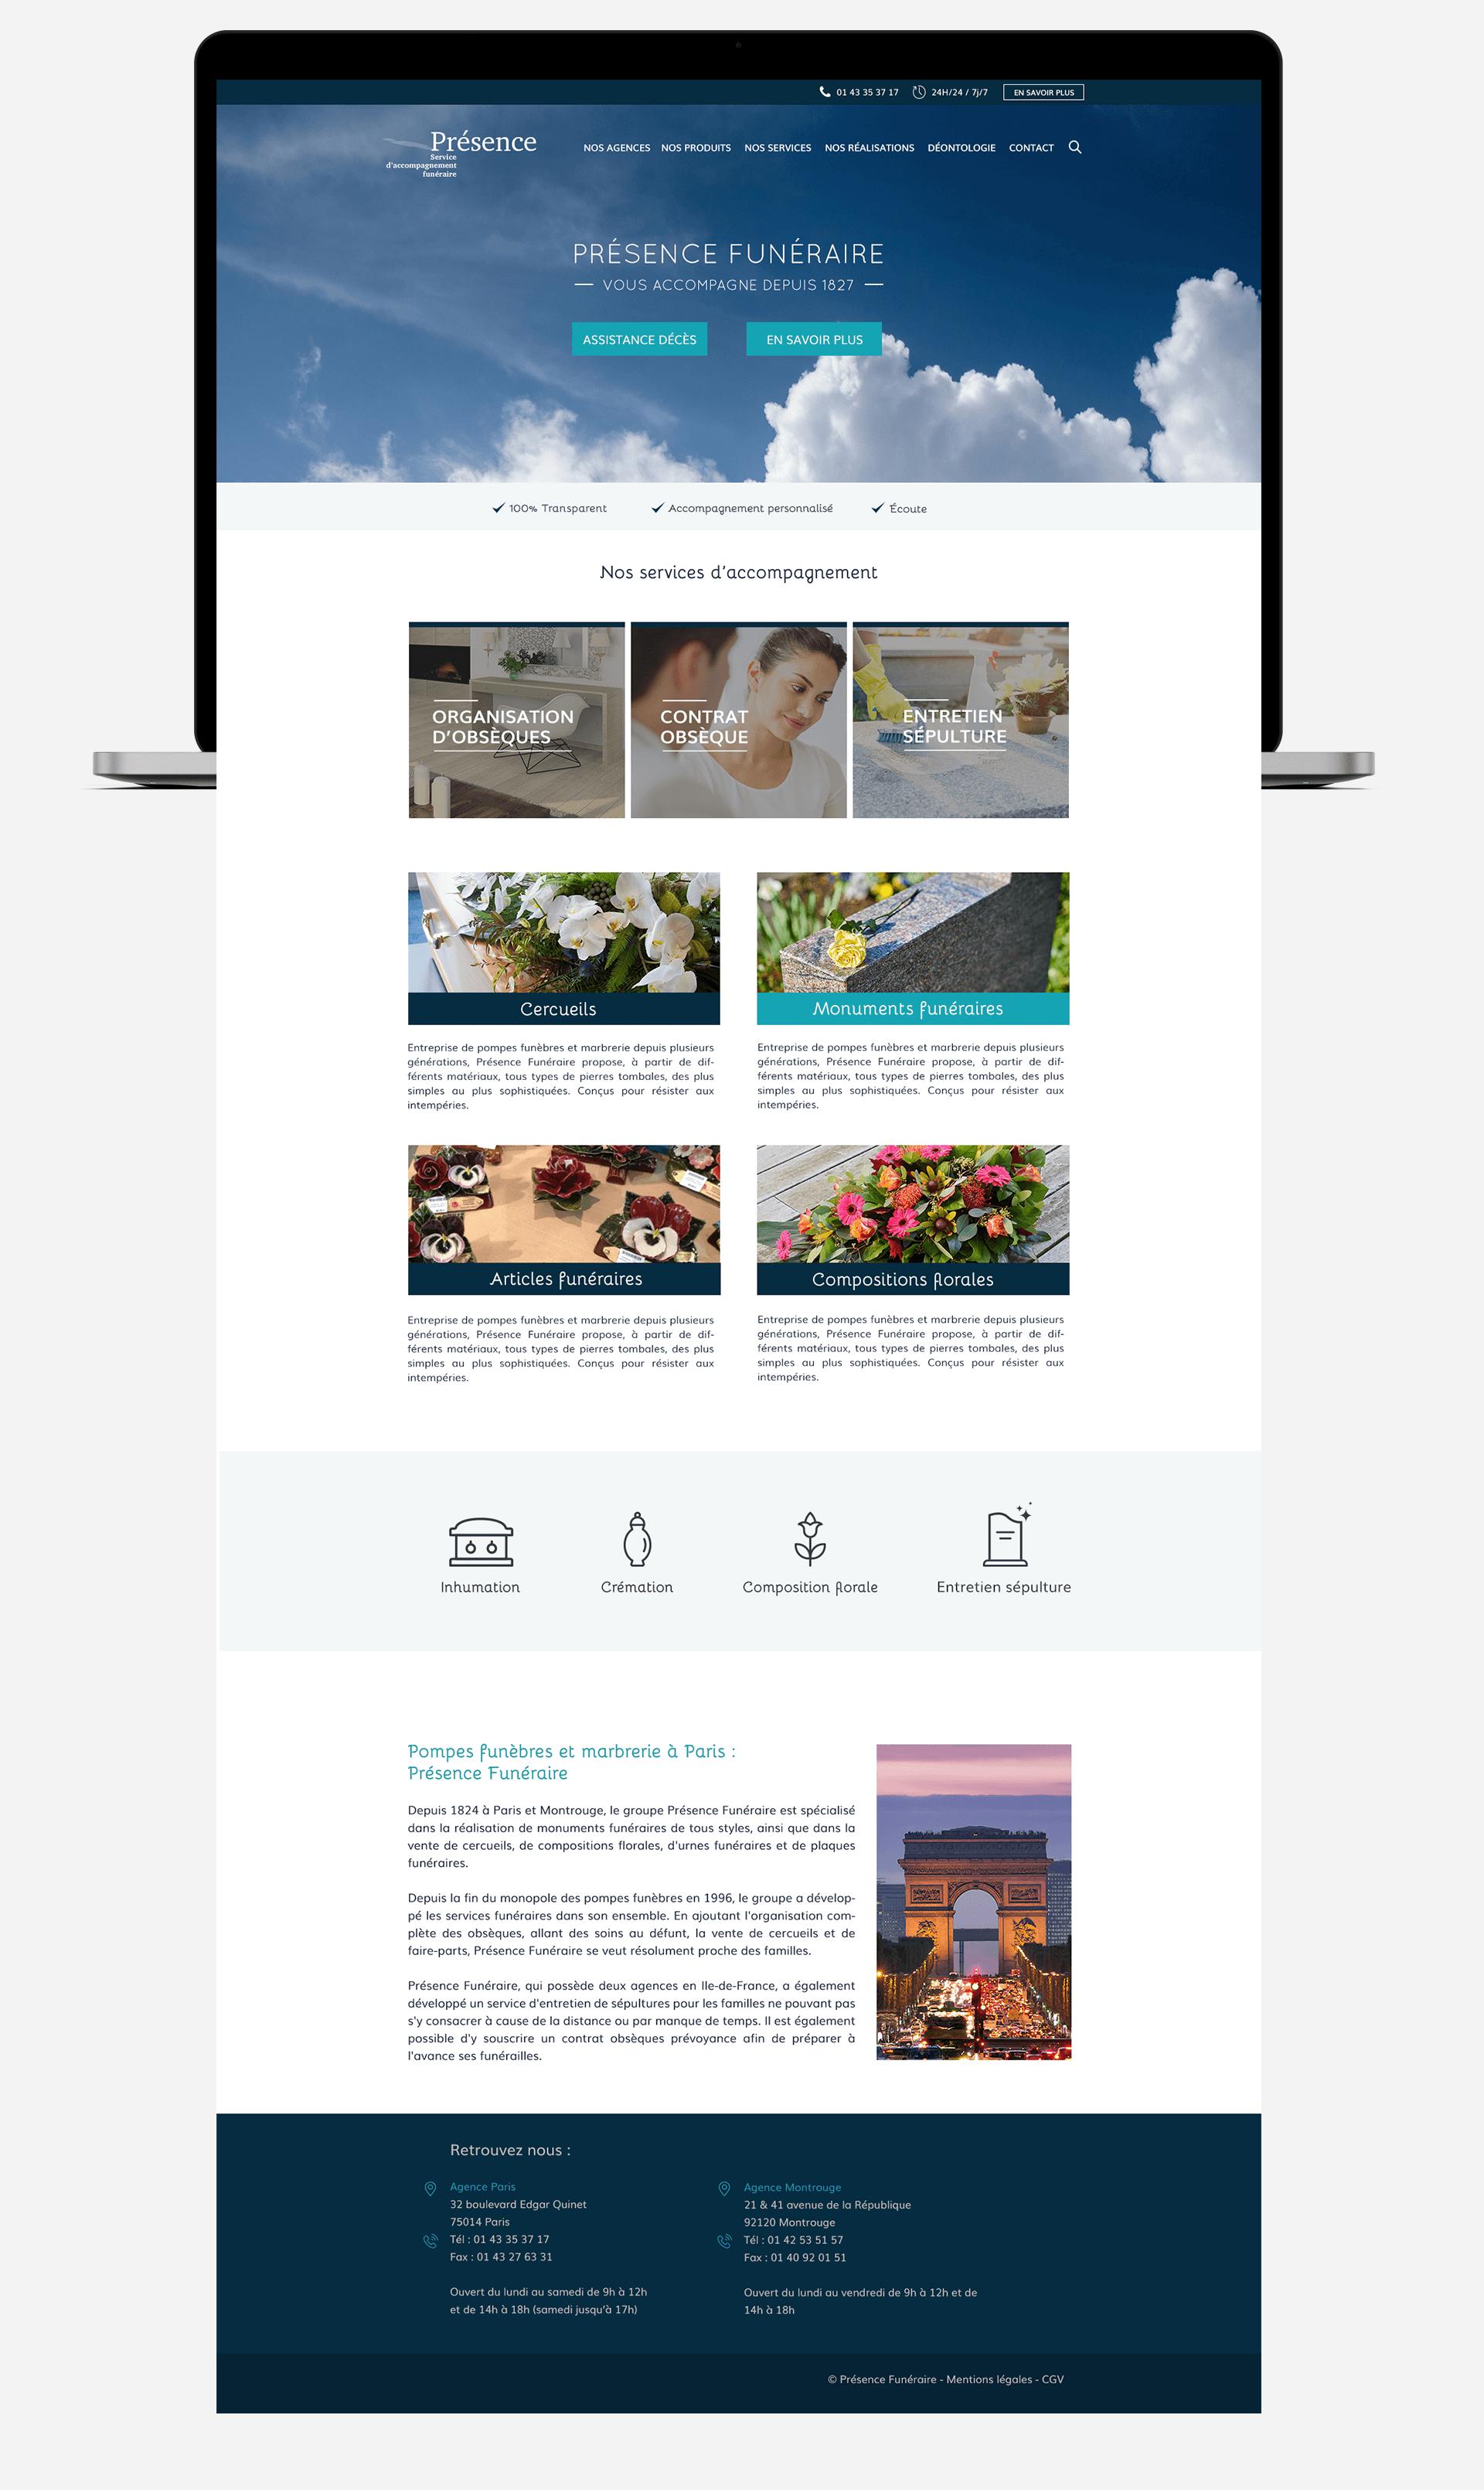 page complète du site Présence Funéraire sur ordinateur